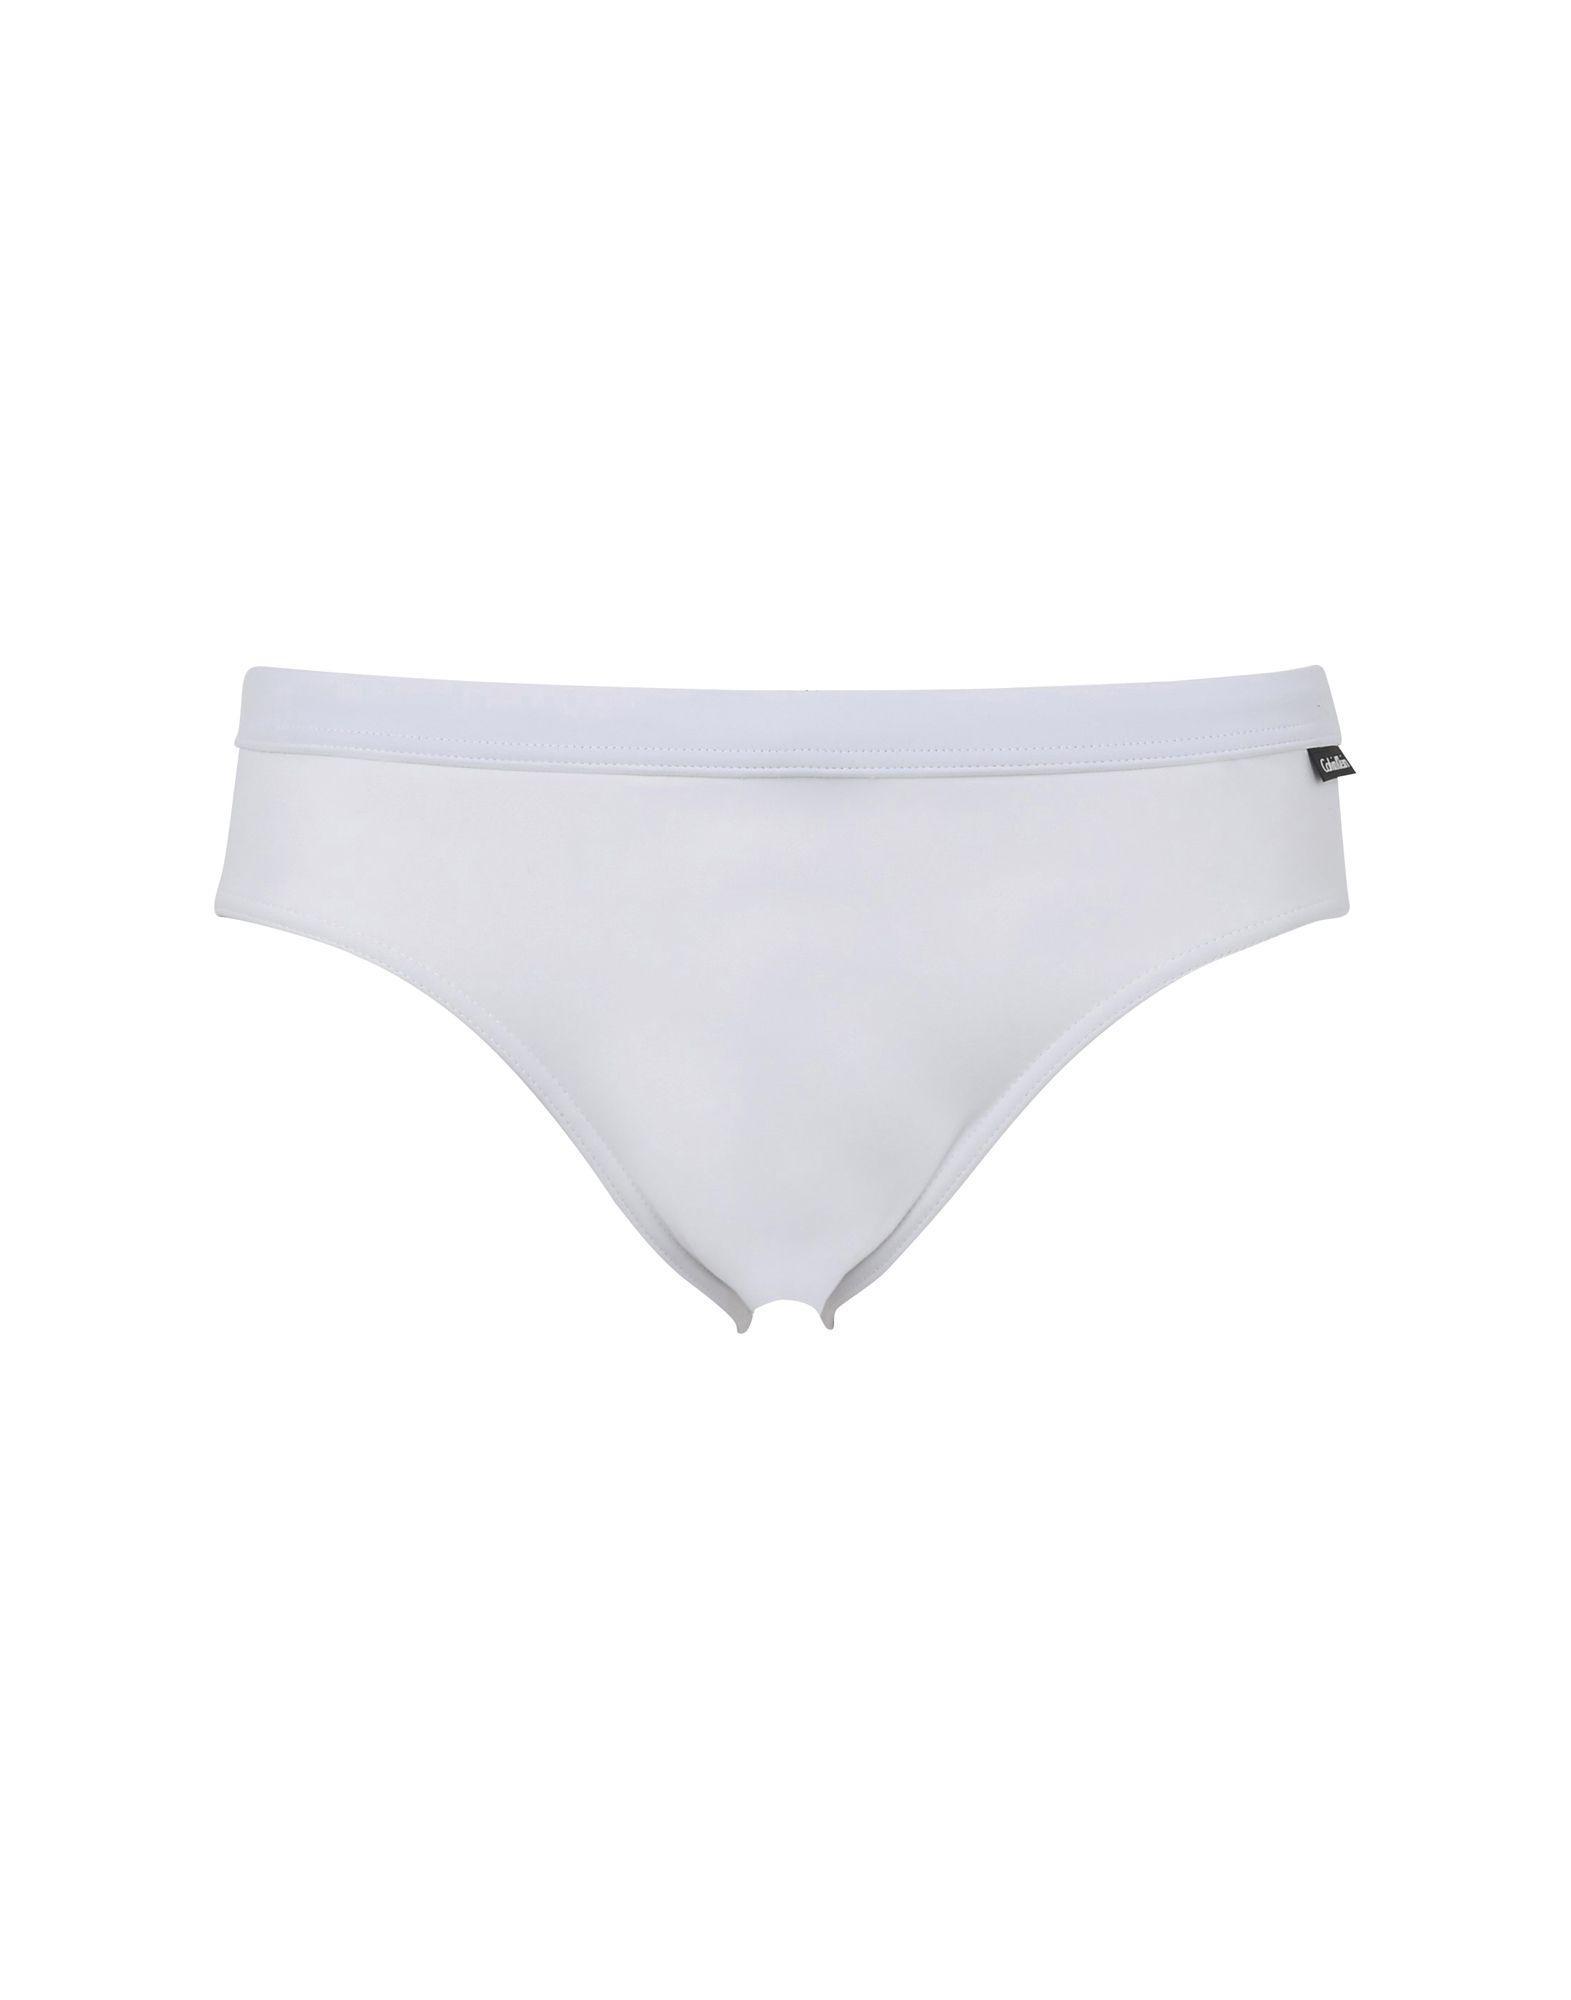 Homme Slip Blanc De Pour Lyst En Ied9wh2 Klein Coloris Calvin Bain ygb7f6